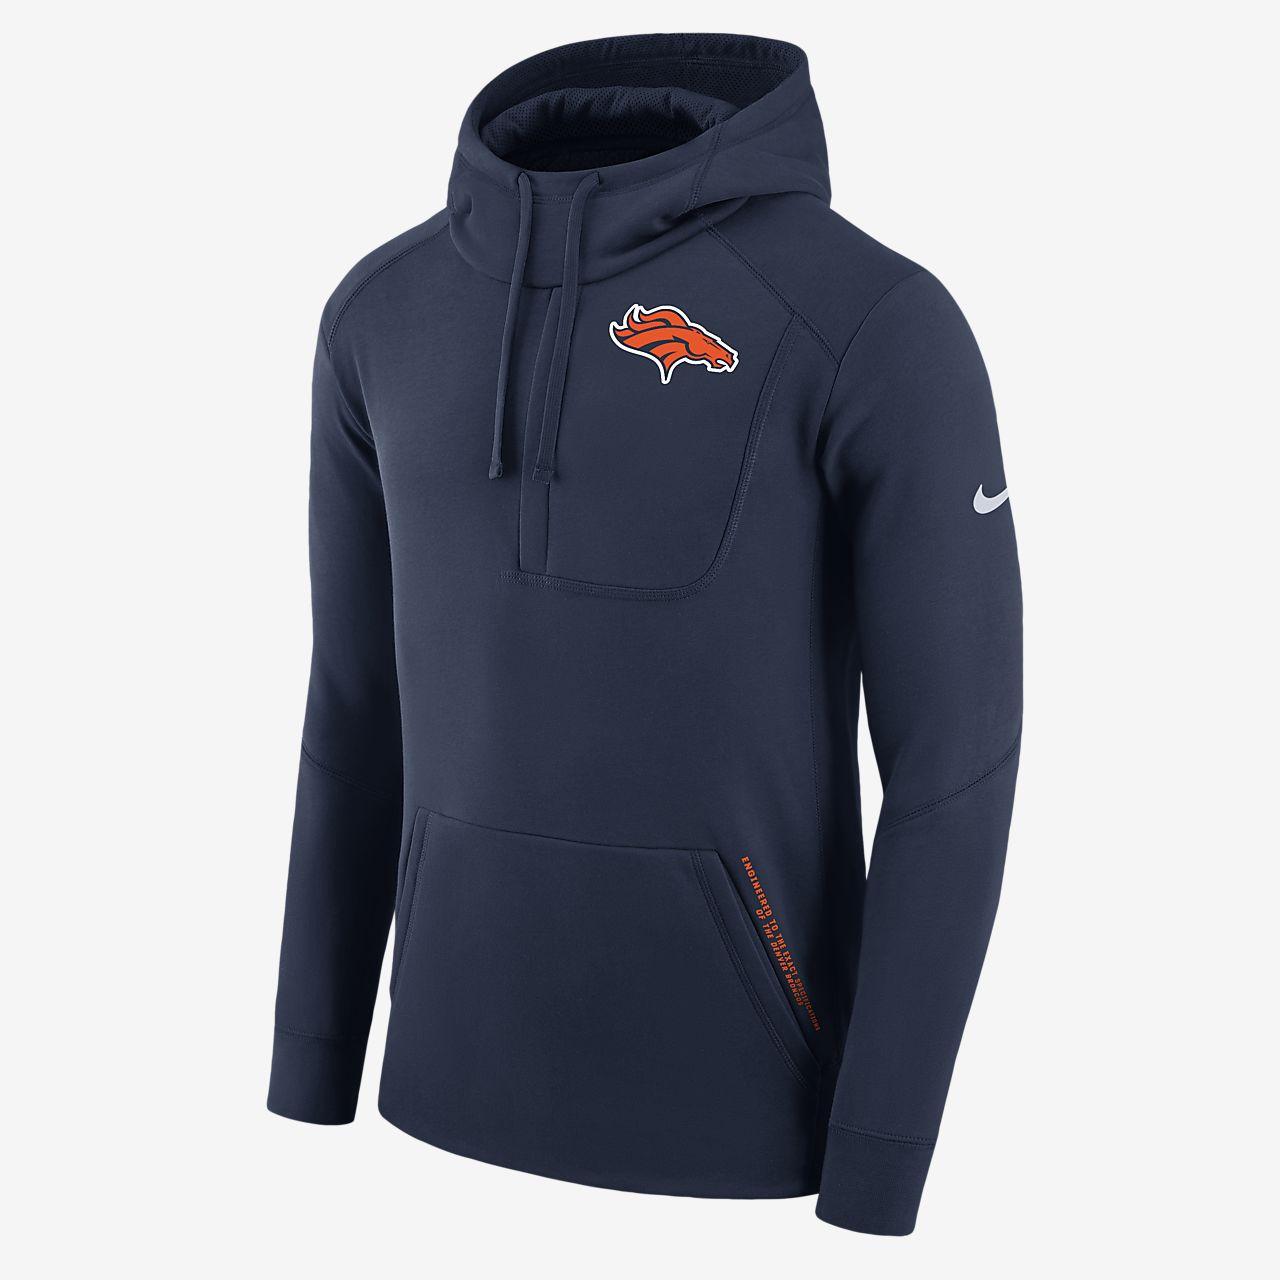 Sudadera con capucha sin cierre para hombre Nike Fly Fleece (NFL Broncos) 11a49d38f38